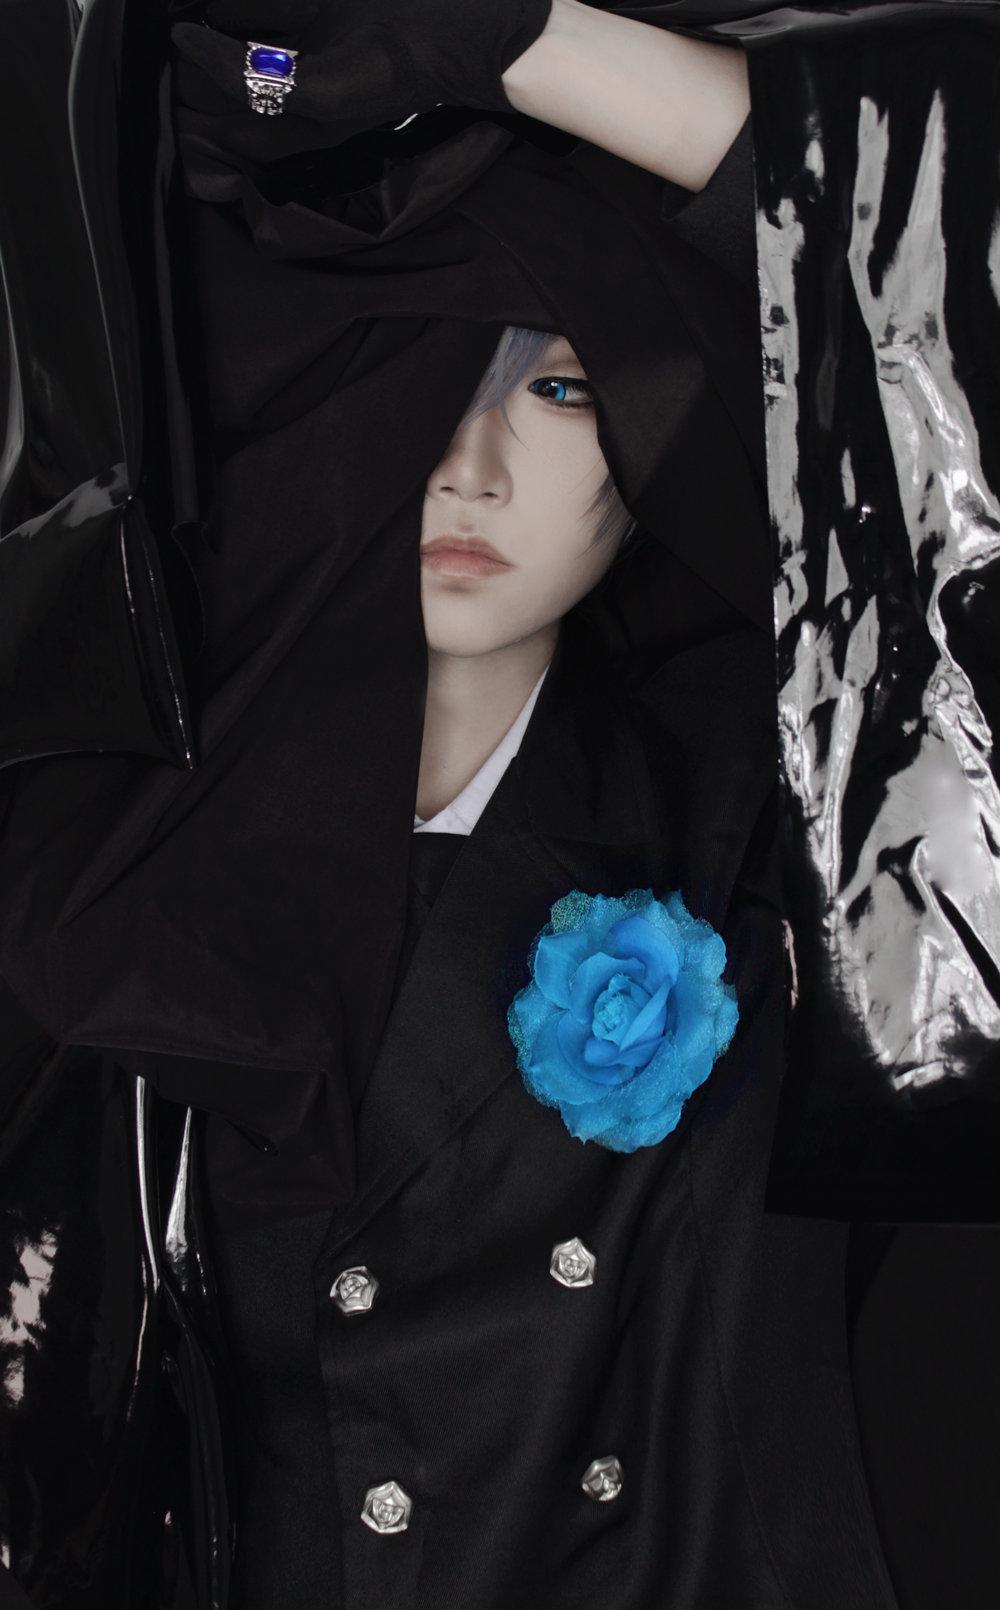 《黑执事》夏尔cosplay【CN:l影择l】 -动漫猫女cosplay图片素材插图